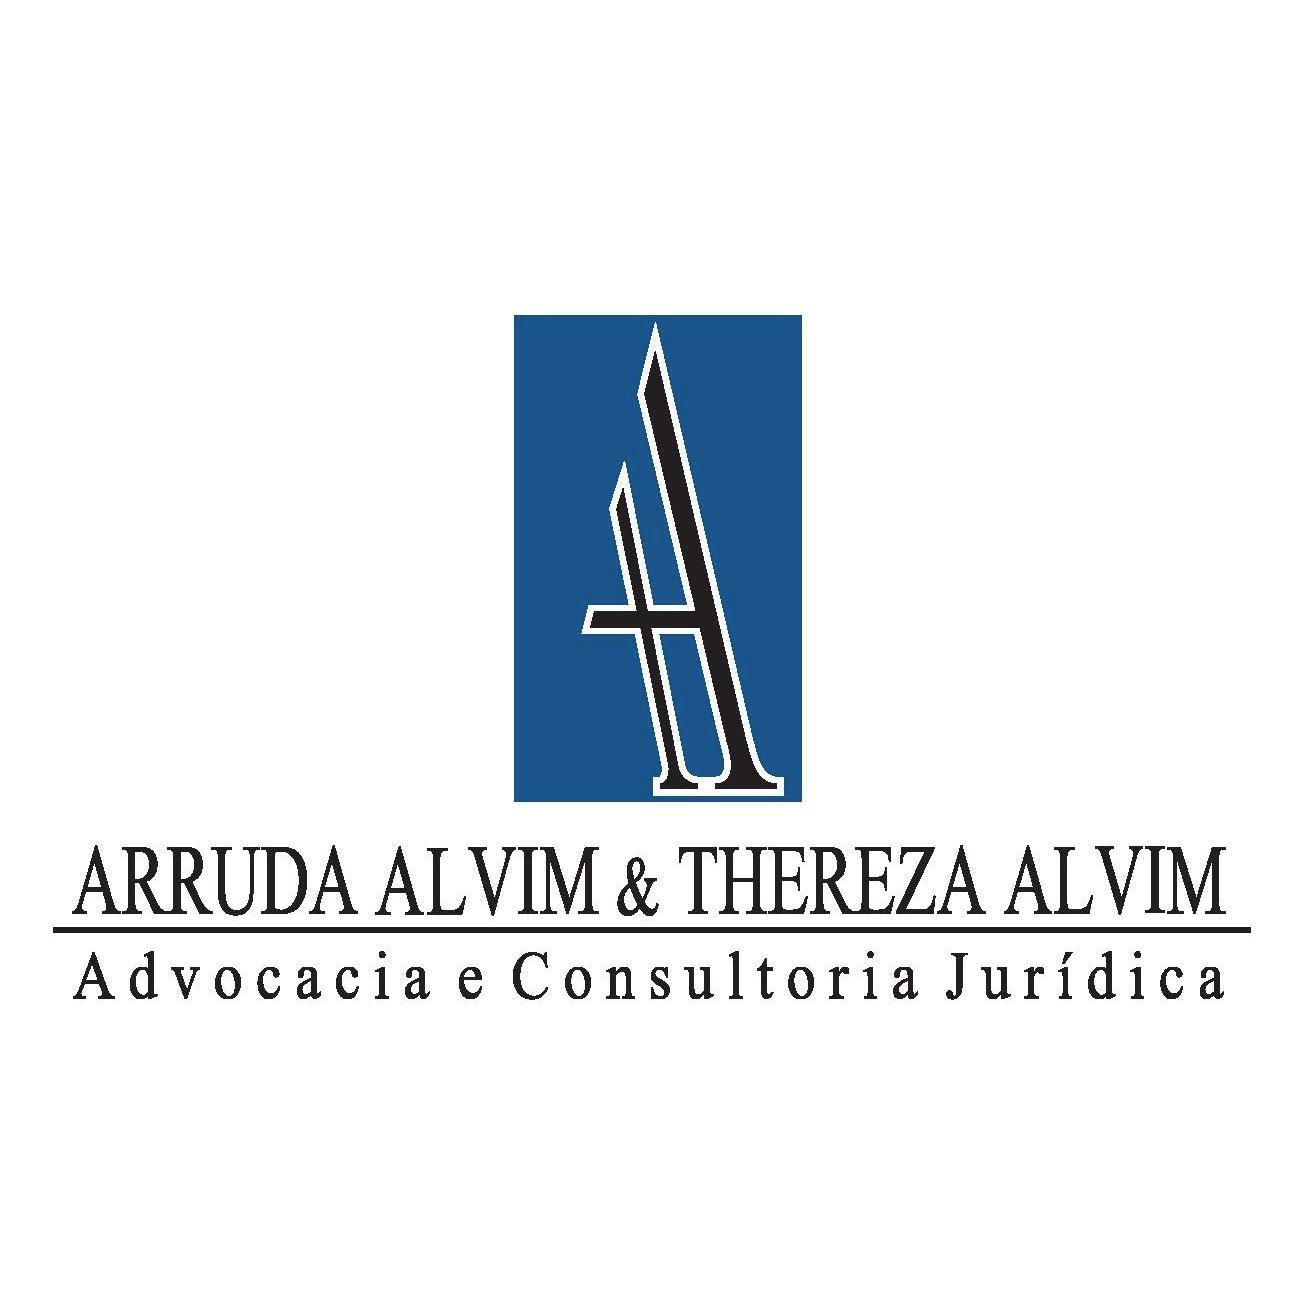 the Arruda Alvim & Thereza Alvim Advocacia e Consultoria Jurídica logo.